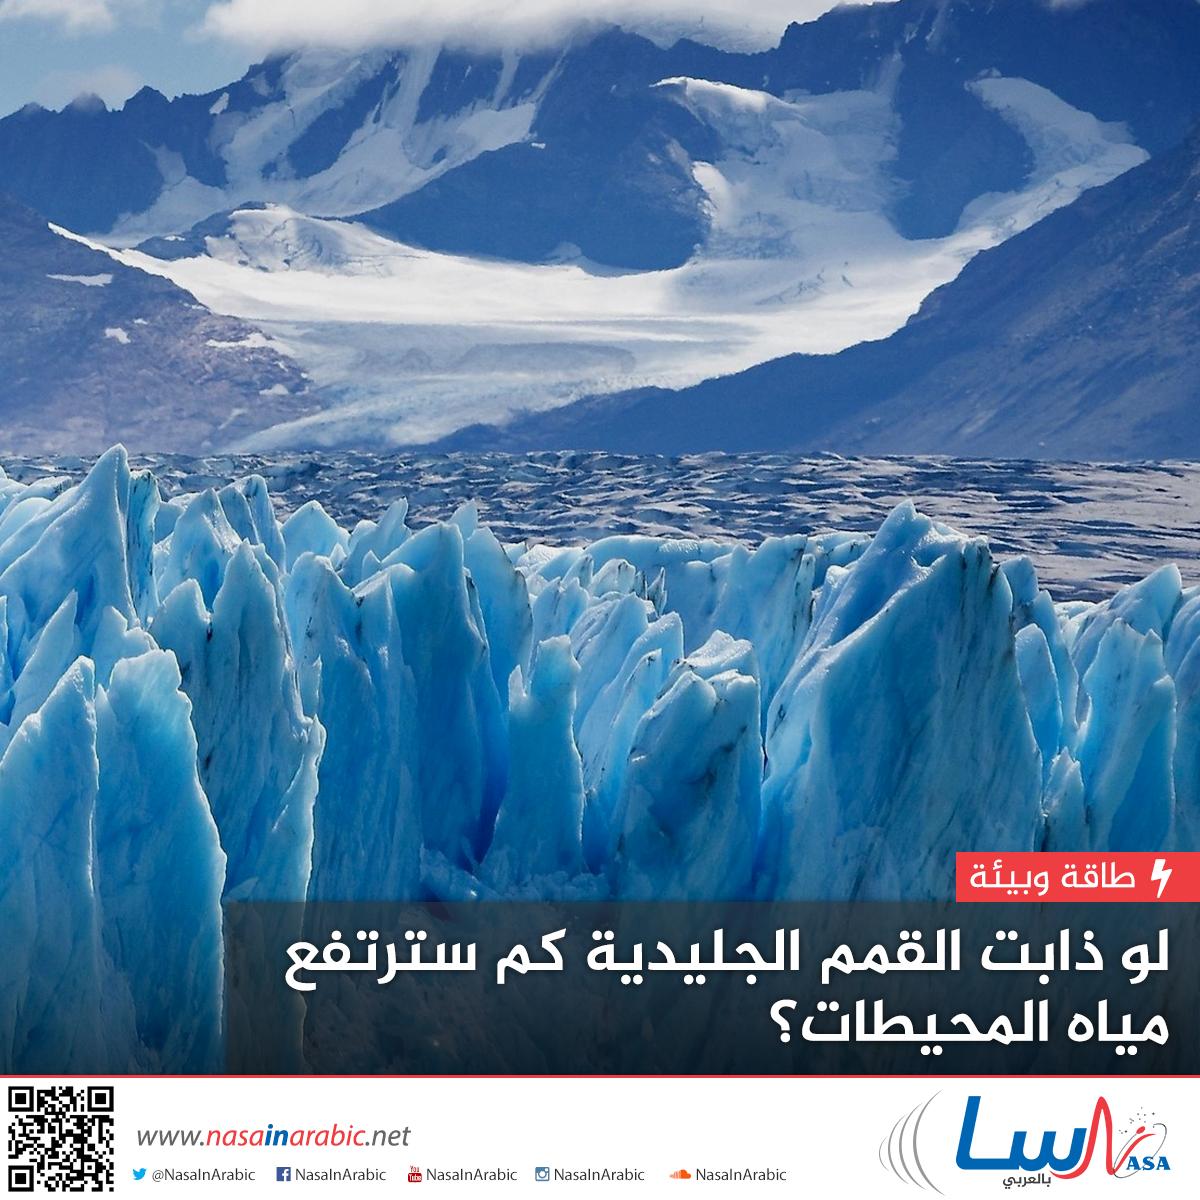 لو ذابت القمم الجليدية... كم سترتفع مياه المحيطات؟